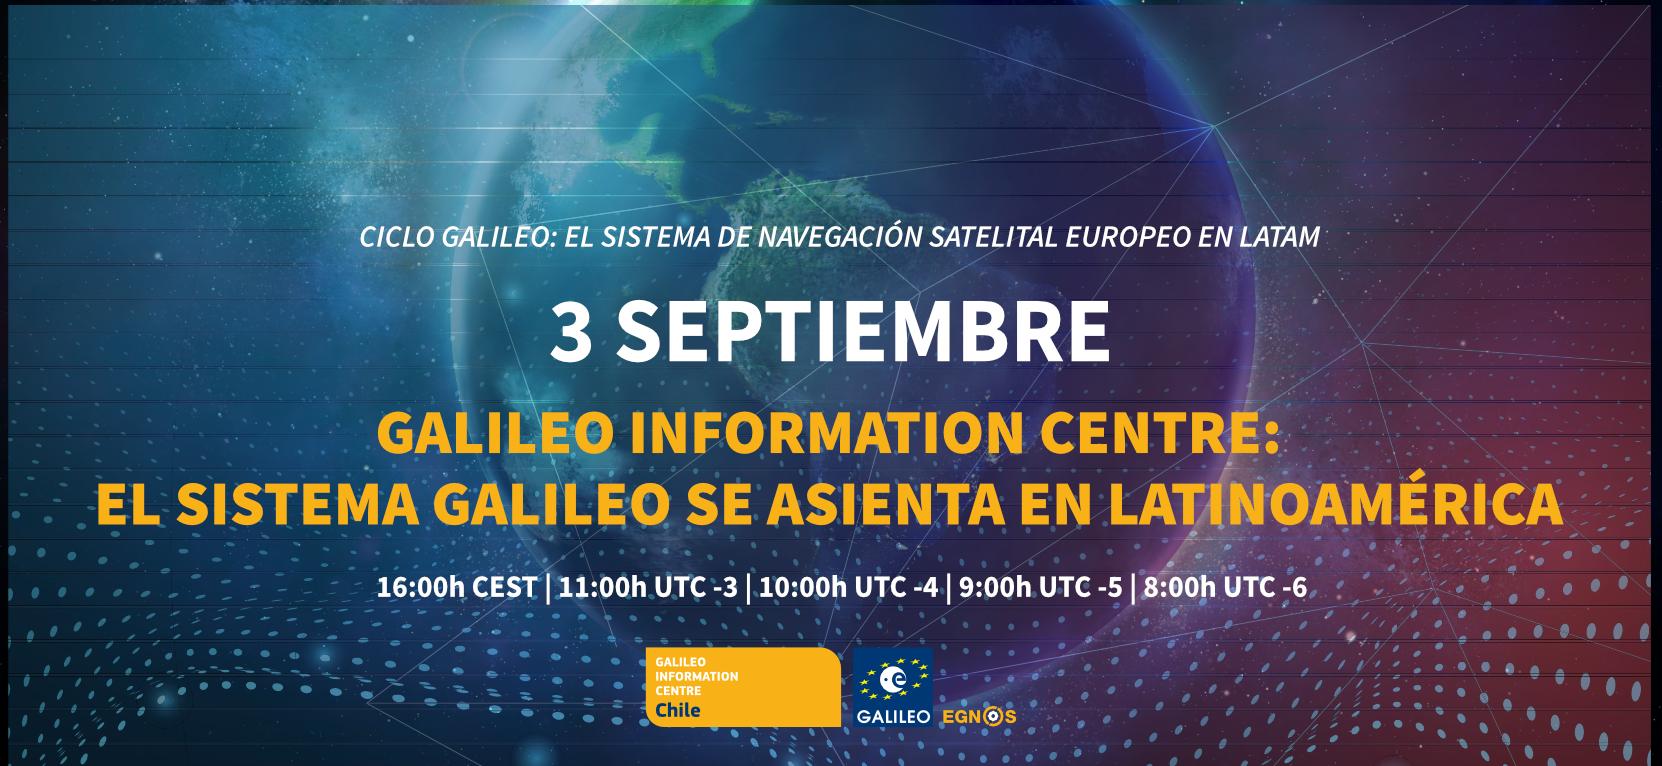 Webinar: Galileo Information Centre: El sistema Galileo se asienta en Latinoamérica